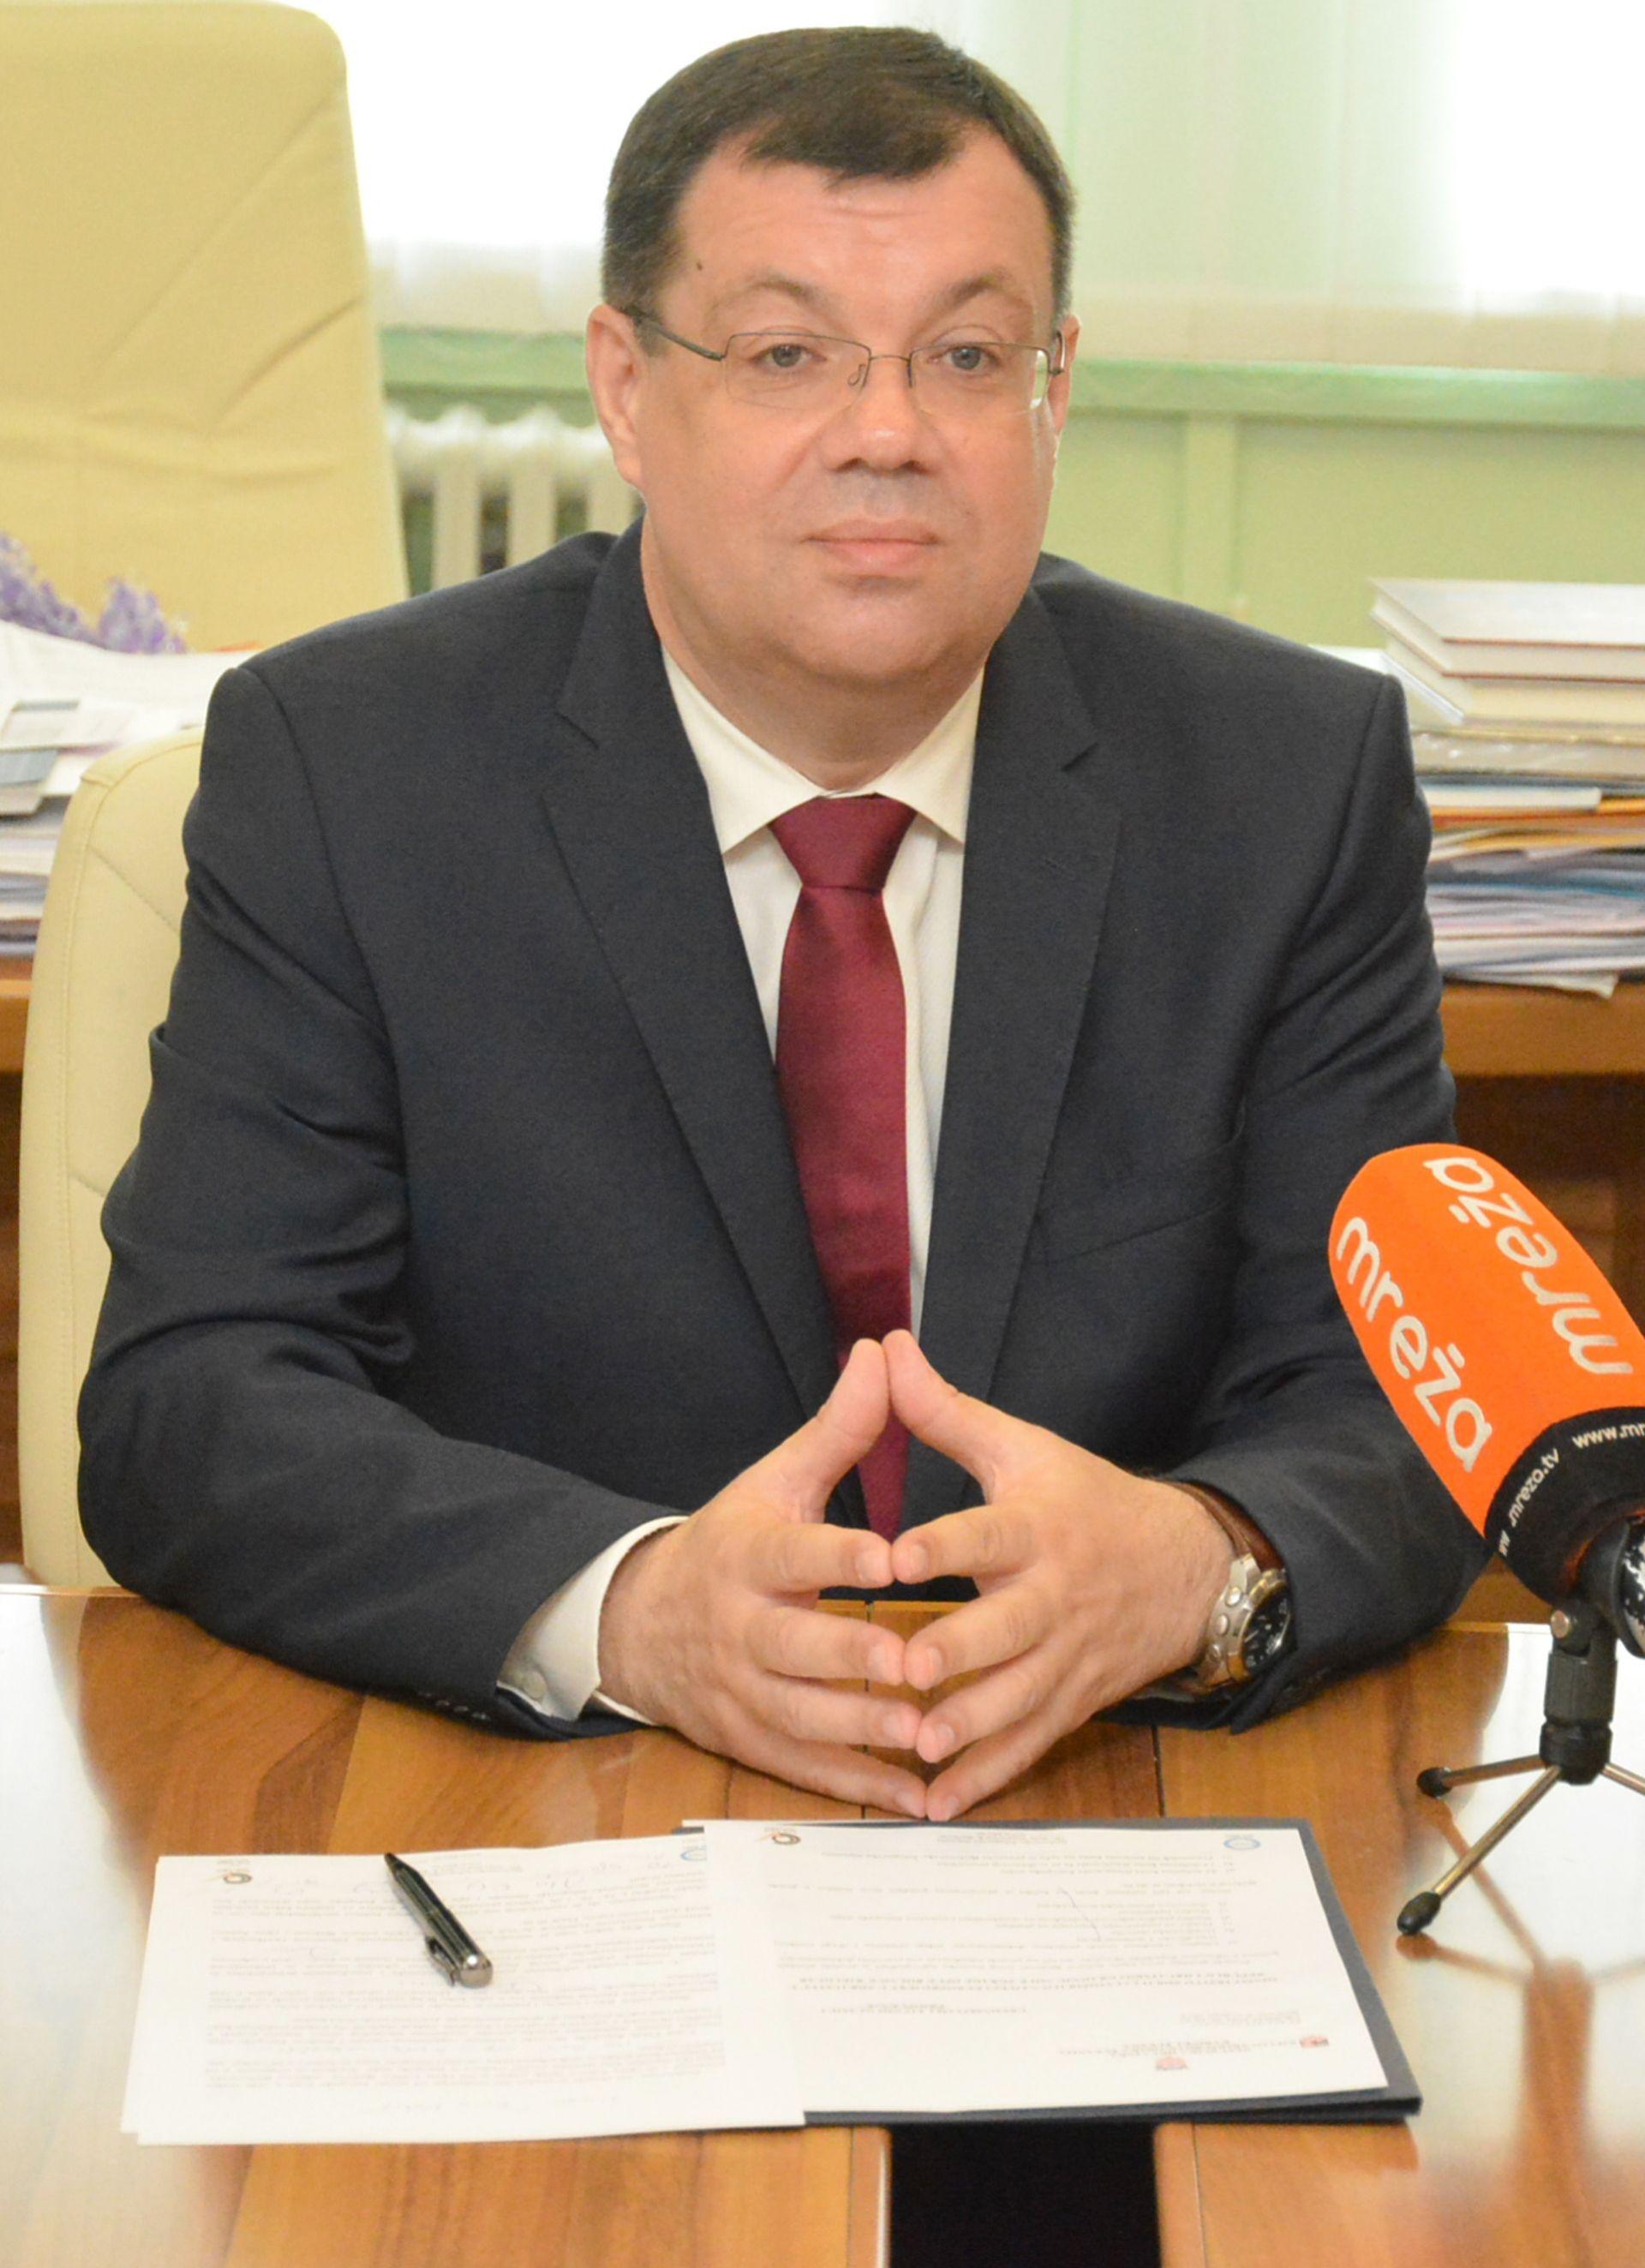 Damir Bajs: Ministarstvo zdravlja stopiralo izgradnju nove zgrade bjelovarske bolnice